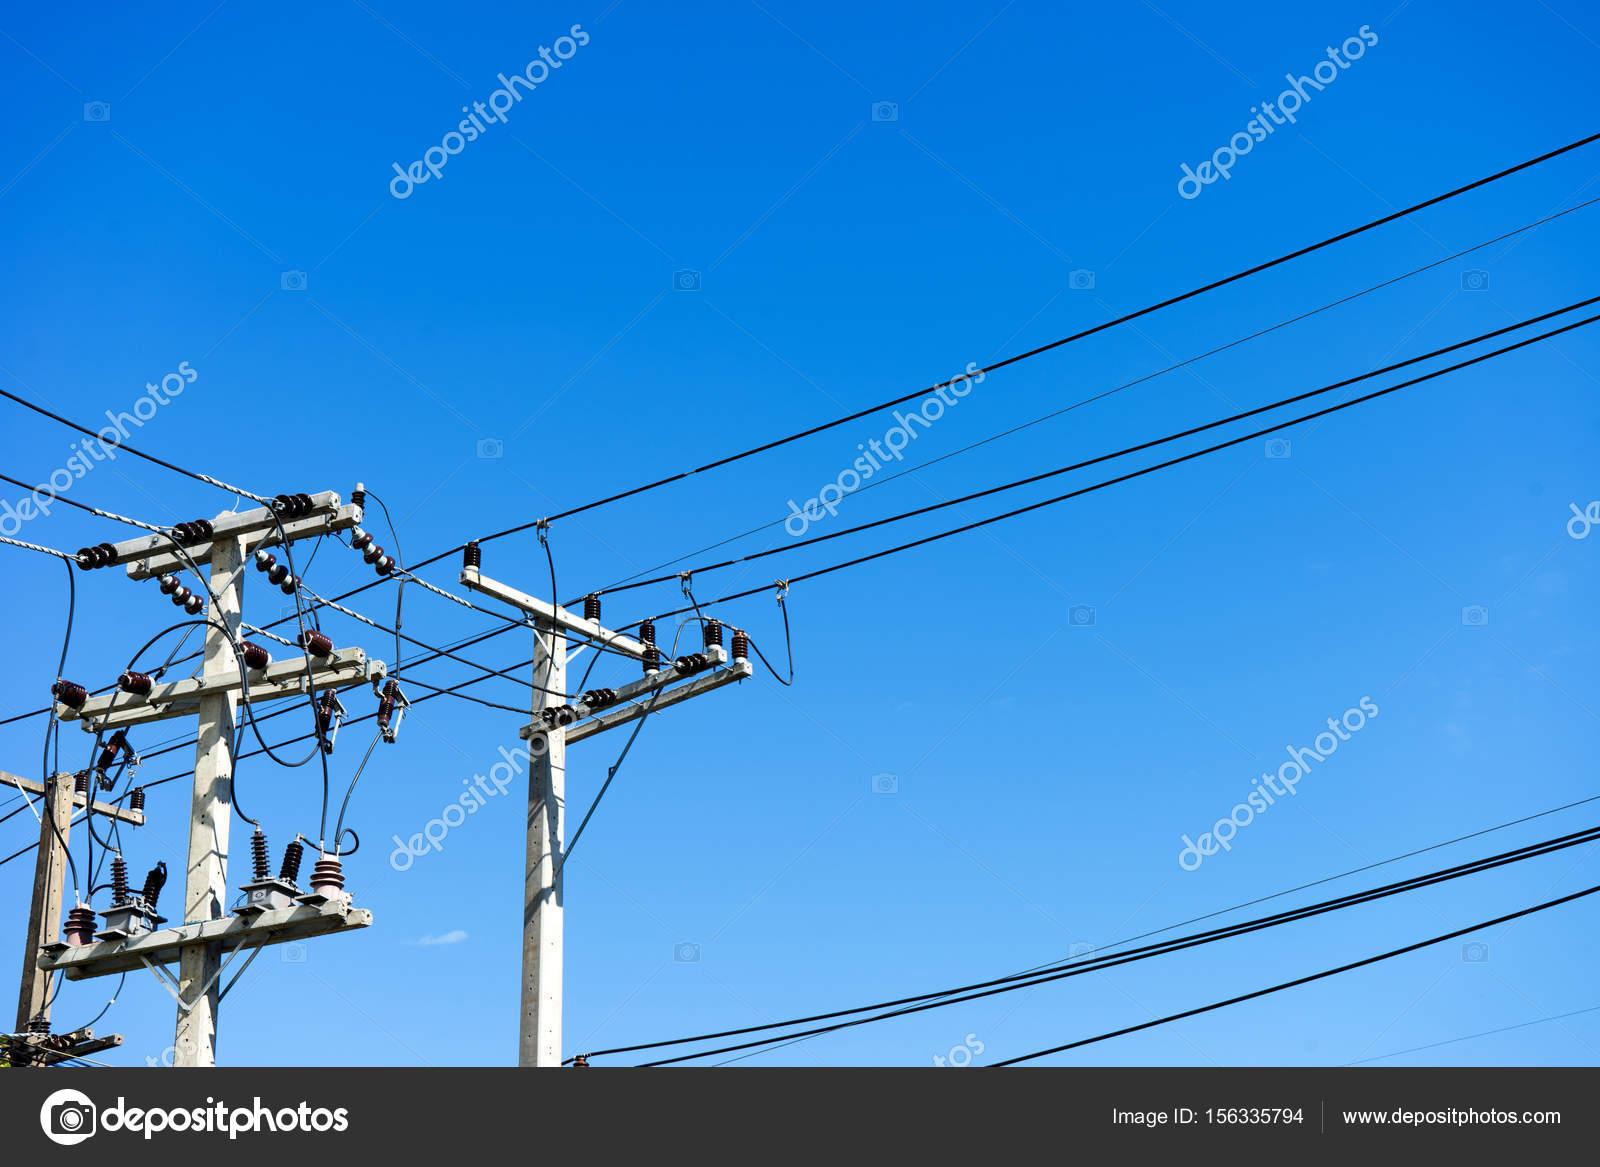 elektrischer Draht auf den Pol ich — Stockfoto © sabthai #156335794